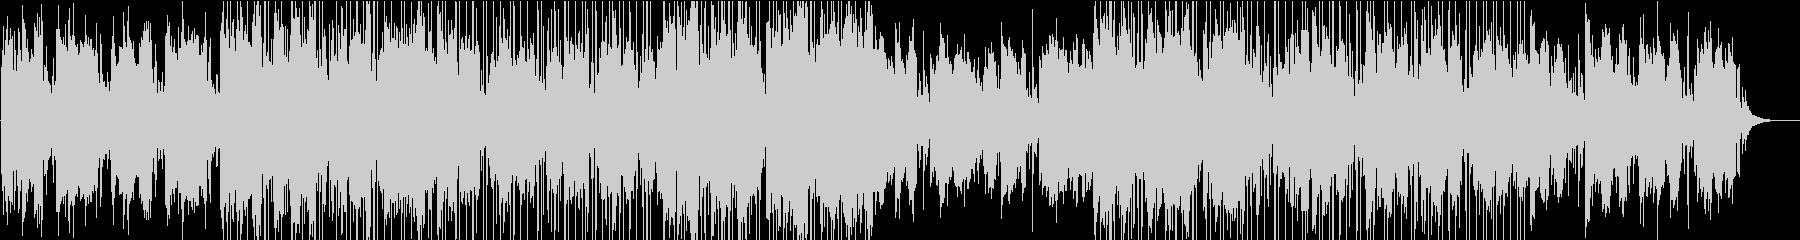 空撮の映像などに合う重厚でクールなBGMの未再生の波形